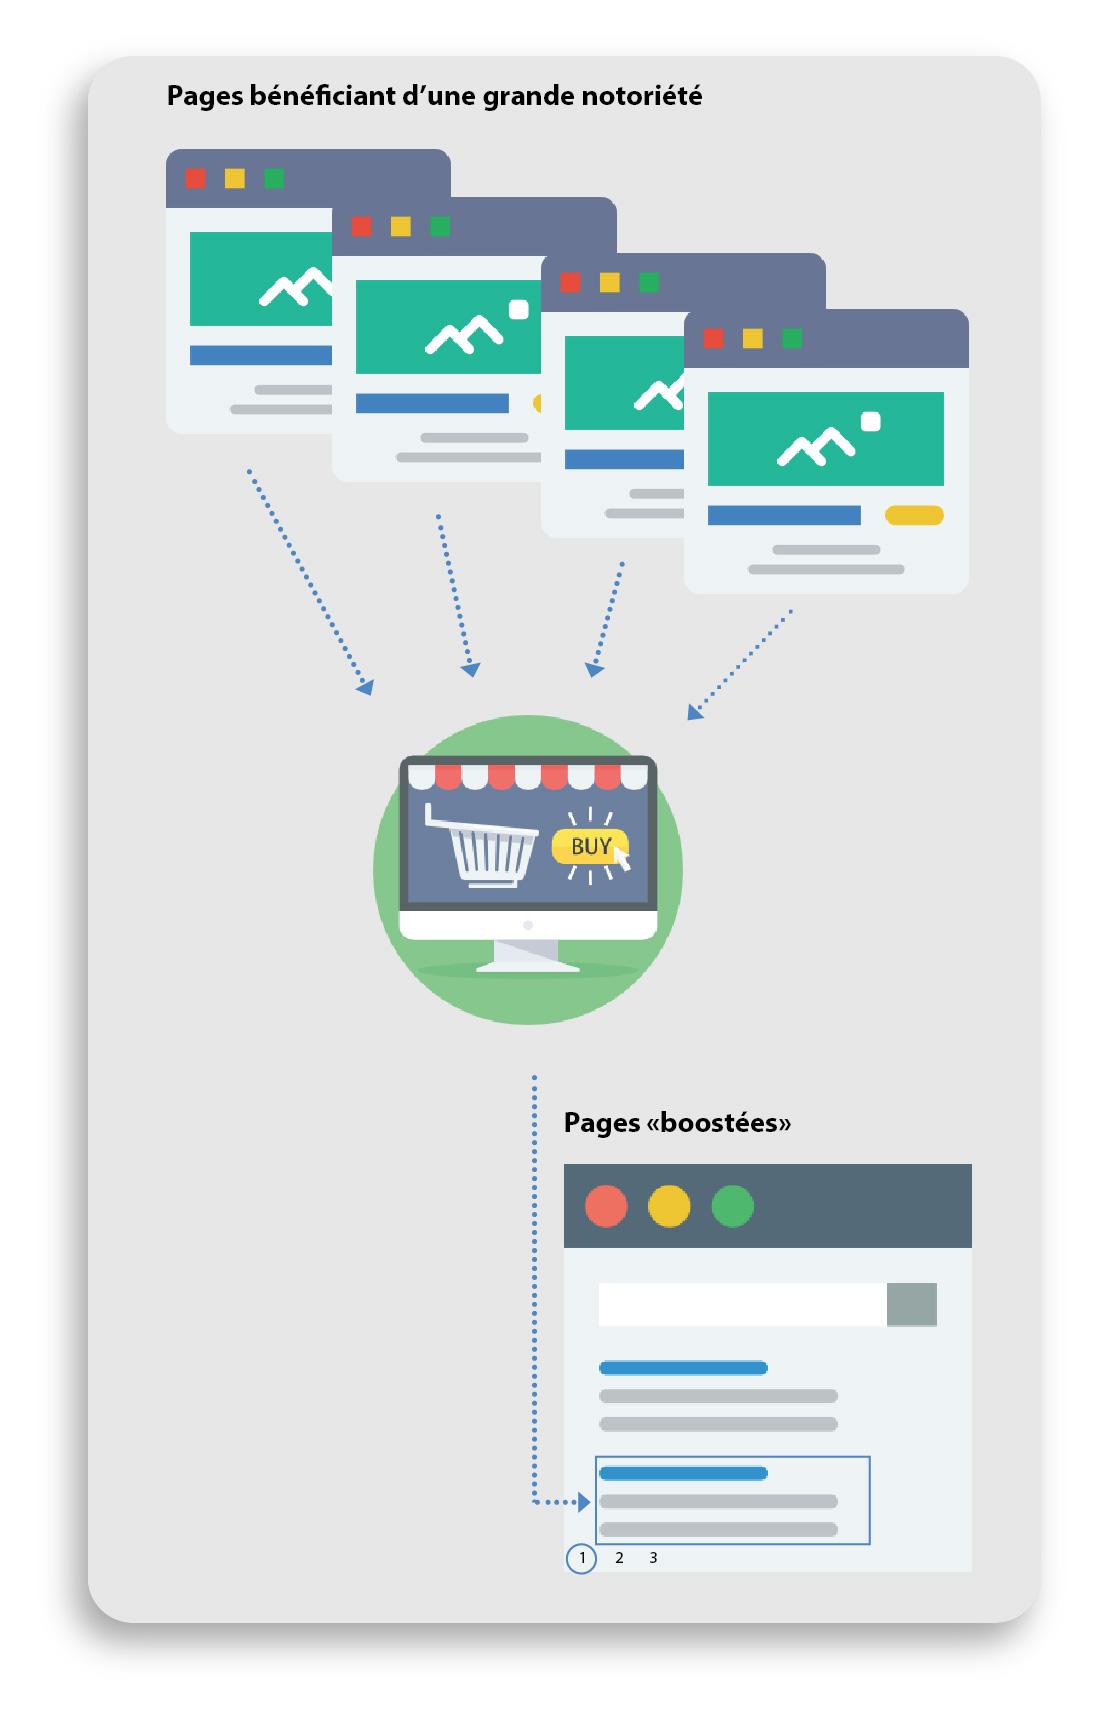 notoriété mot clé e-commerce seo guide smartkeyword